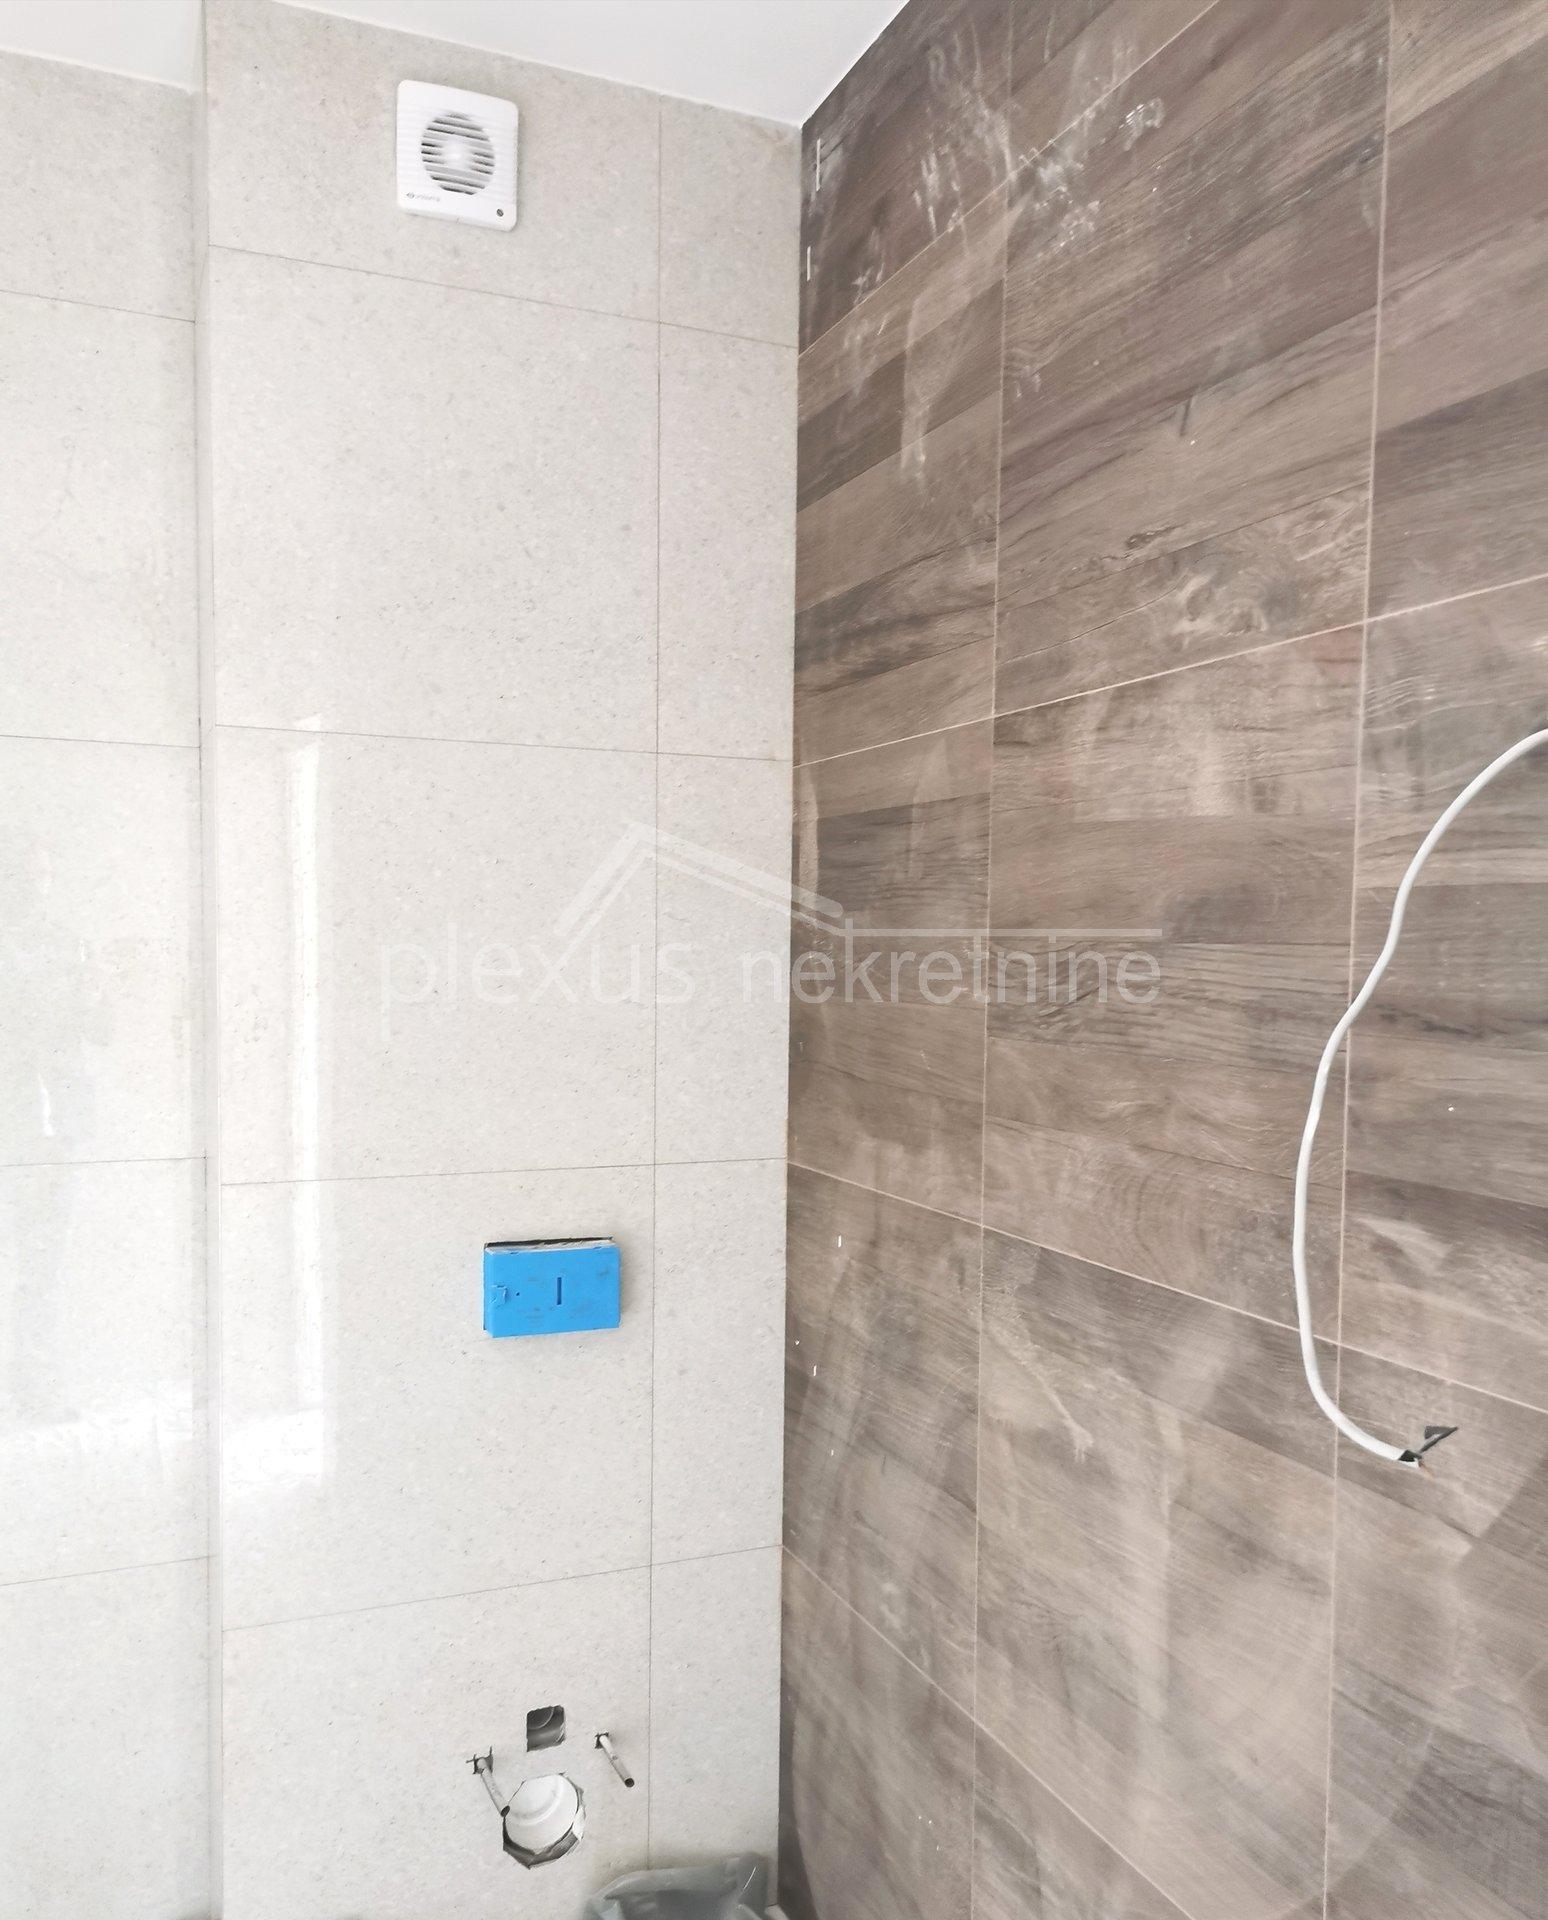 2 rooms, Apartment, 94m², 4 Floor